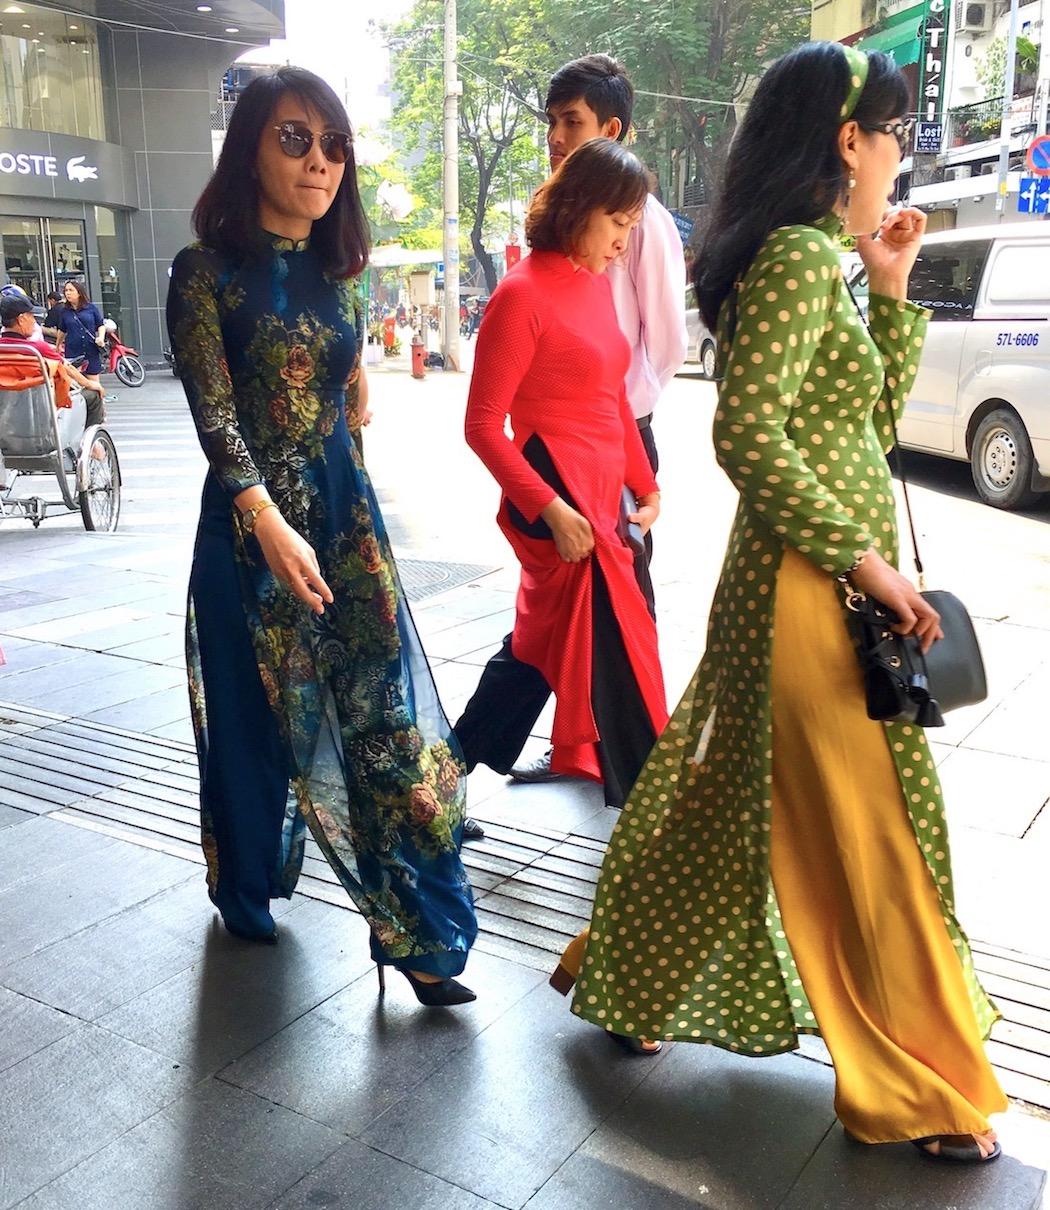 Random ao dai ladies in Ho Chi Minh City. Photo: Patti Neves